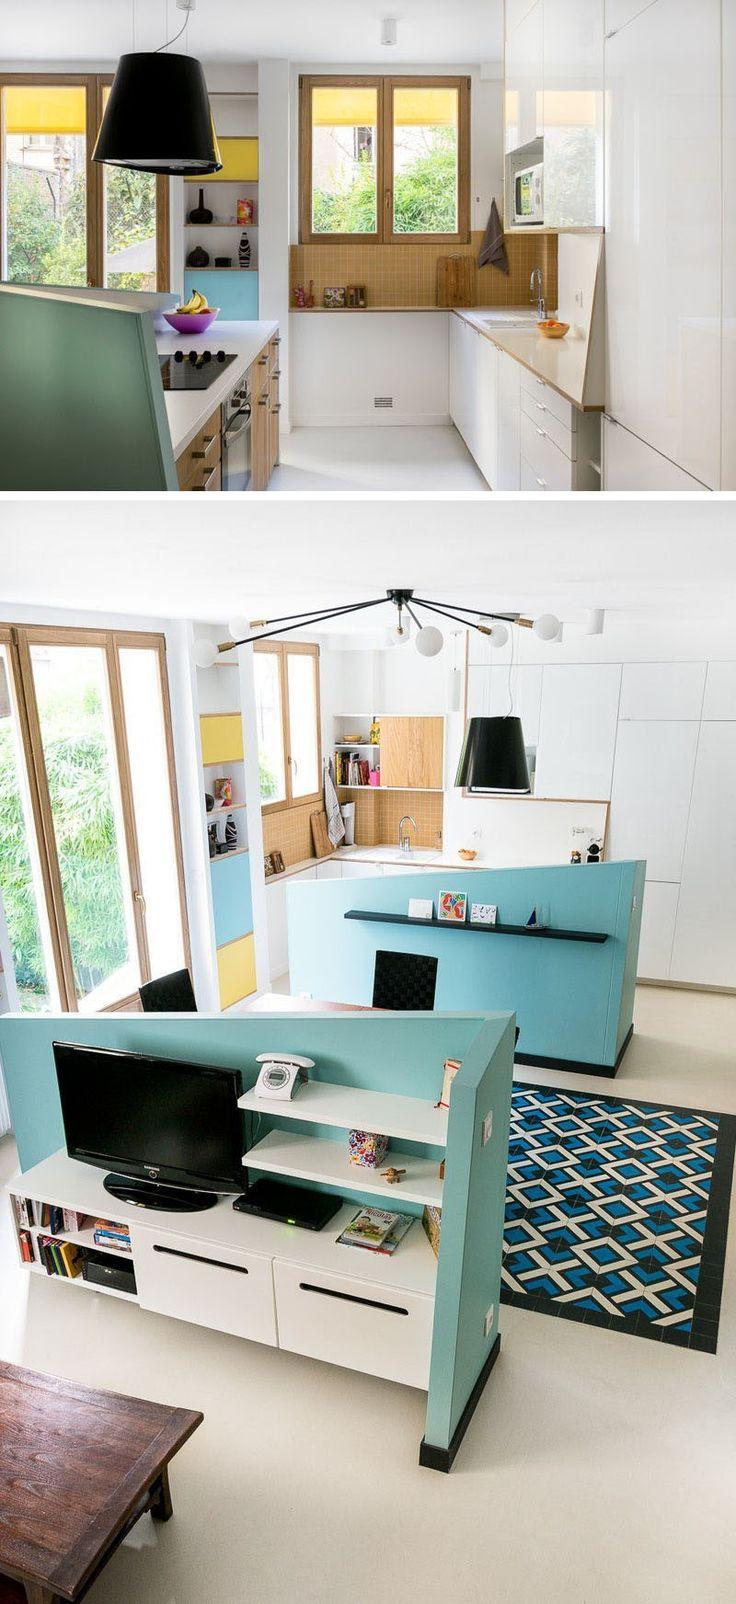 Küche Design-Ideen 14 Küchen, die das Beste aus einem kleinen Raum machen / / Halbwände in dieser Wohnung, einschließlich die Küche vom Wohnbereich, separate verwendet zu helfen, den ganzen Raum erhellen und machen die Küche mit dem Rest der Wohnung verbunden fühlen.